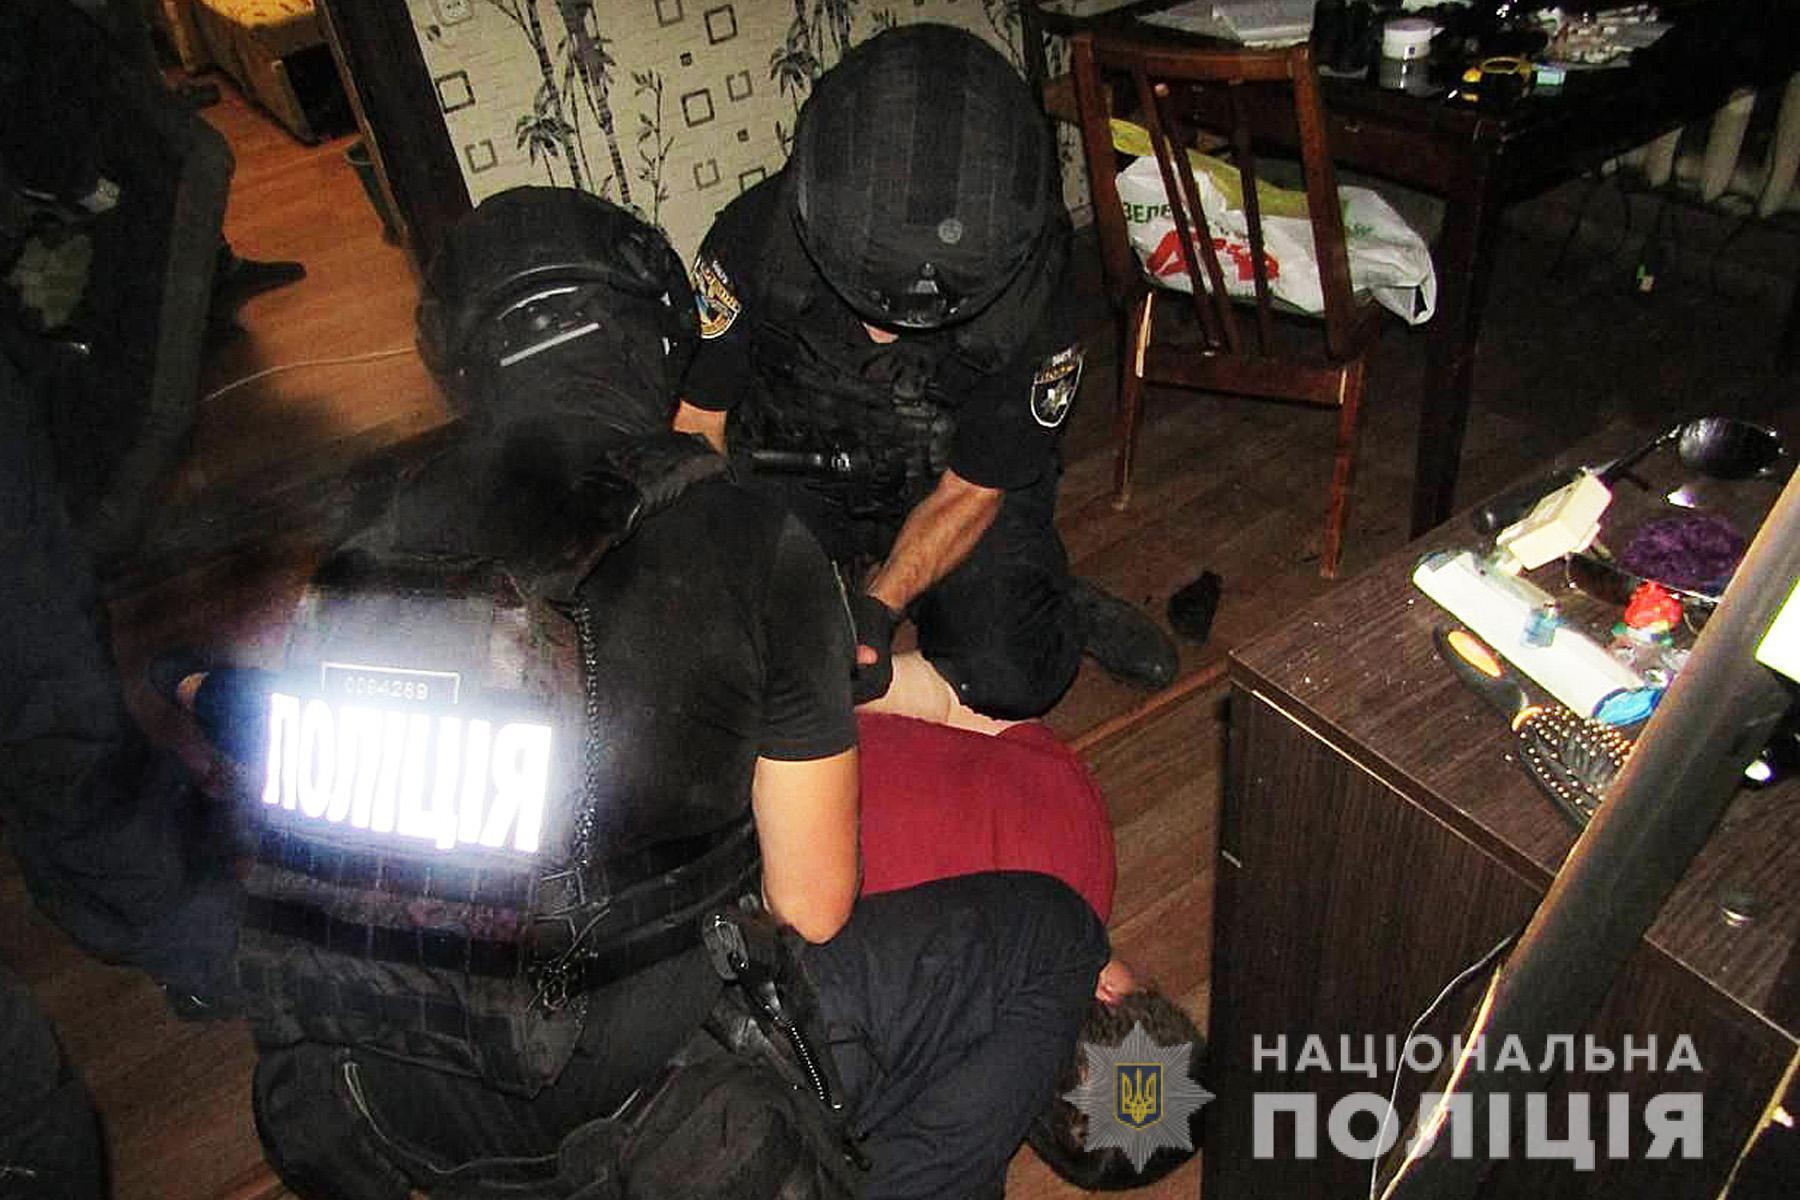 О преступлении полицейским сообщили родственники девочки.